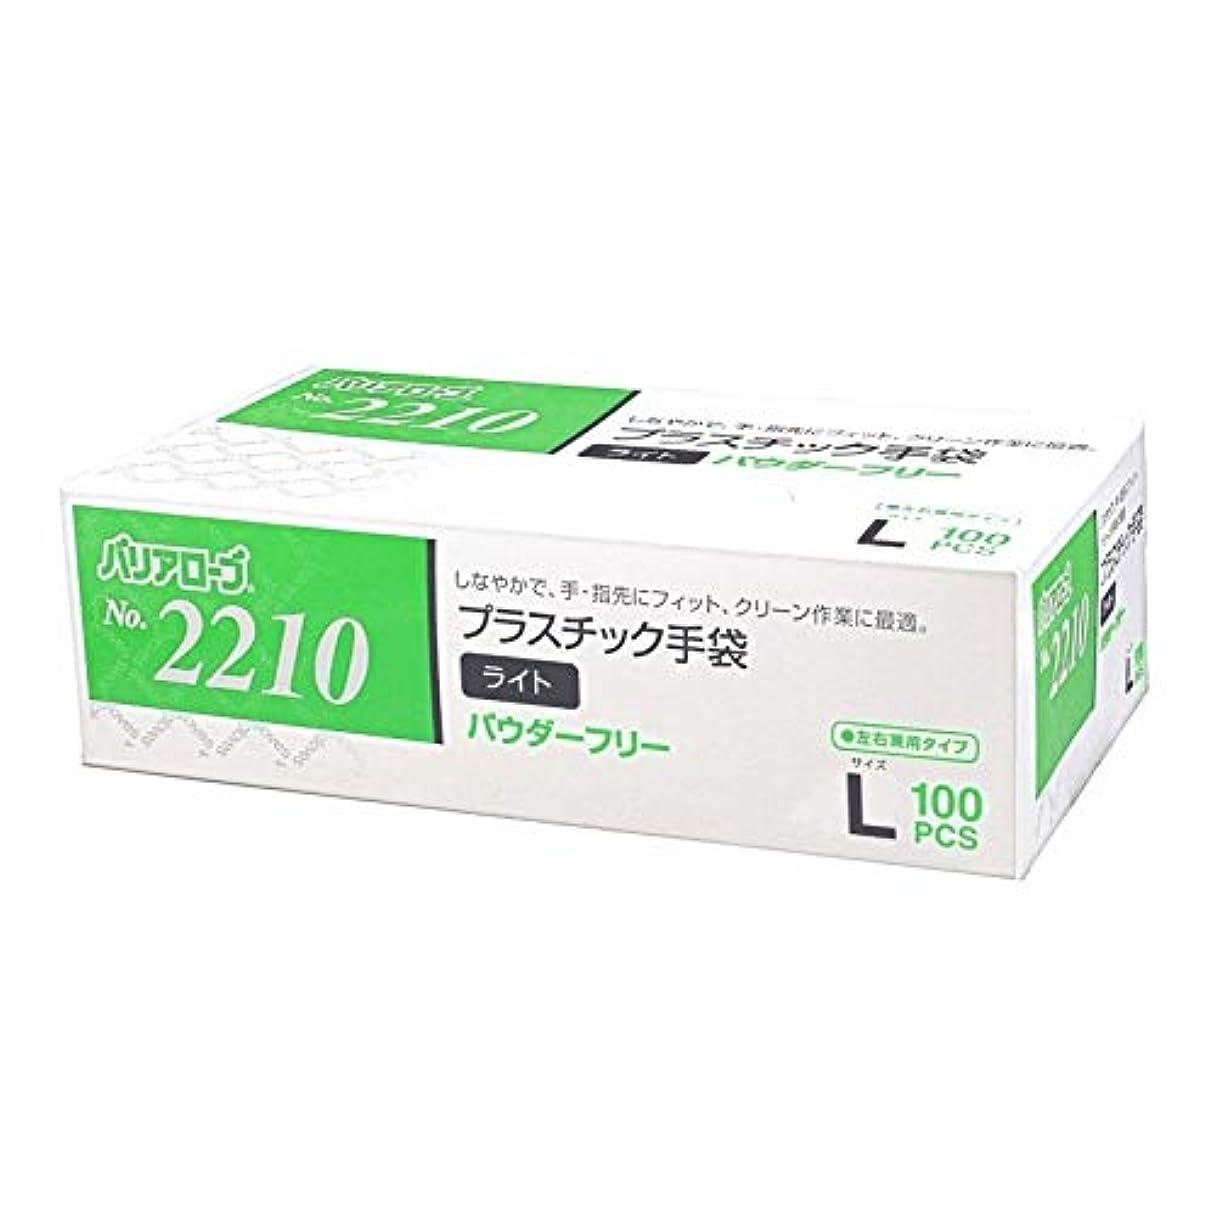 不完全な南東応答【ケース販売】 バリアローブ №2210 プラスチック手袋 ライト (パウダーフリー) L 2000枚(100枚×20箱)